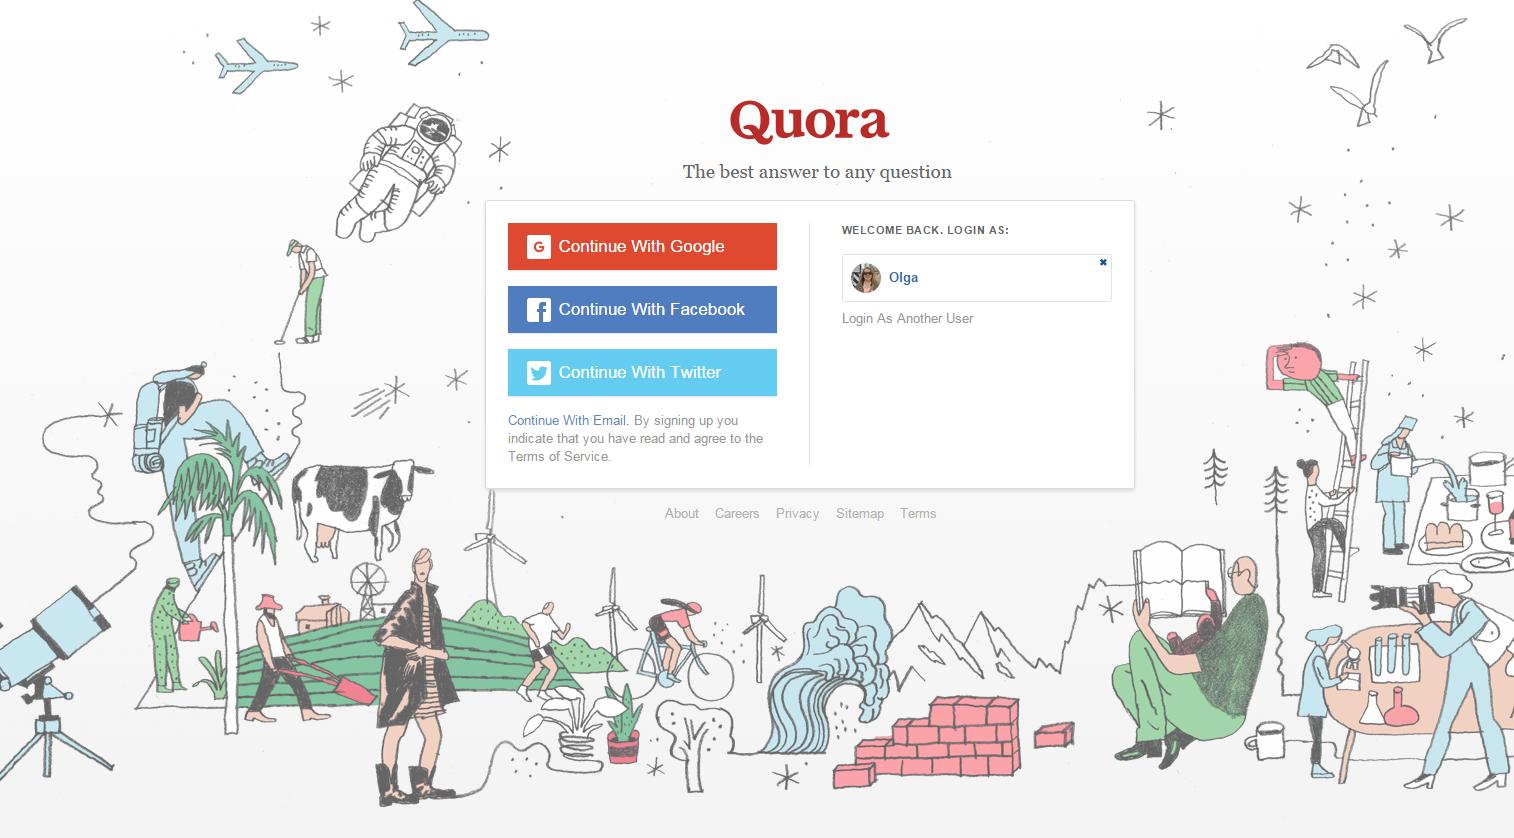 die besten Apps_Quora